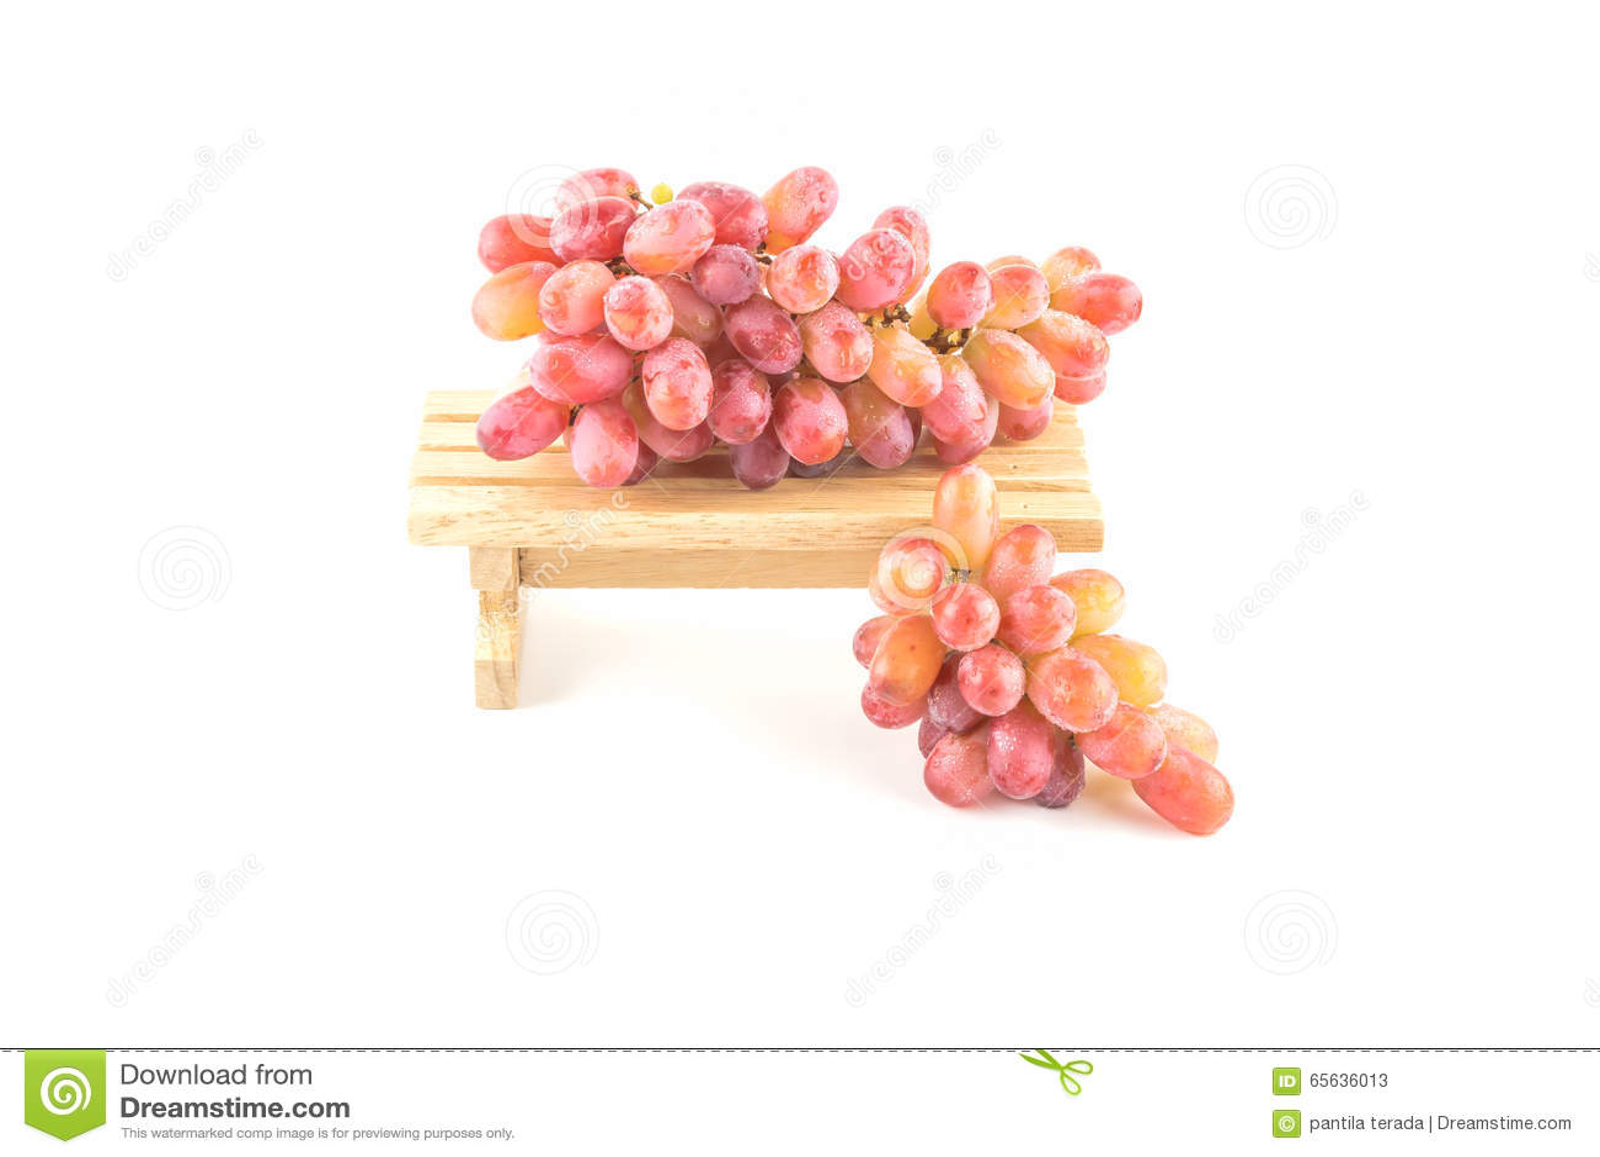 Raisins savoureux sur en bois